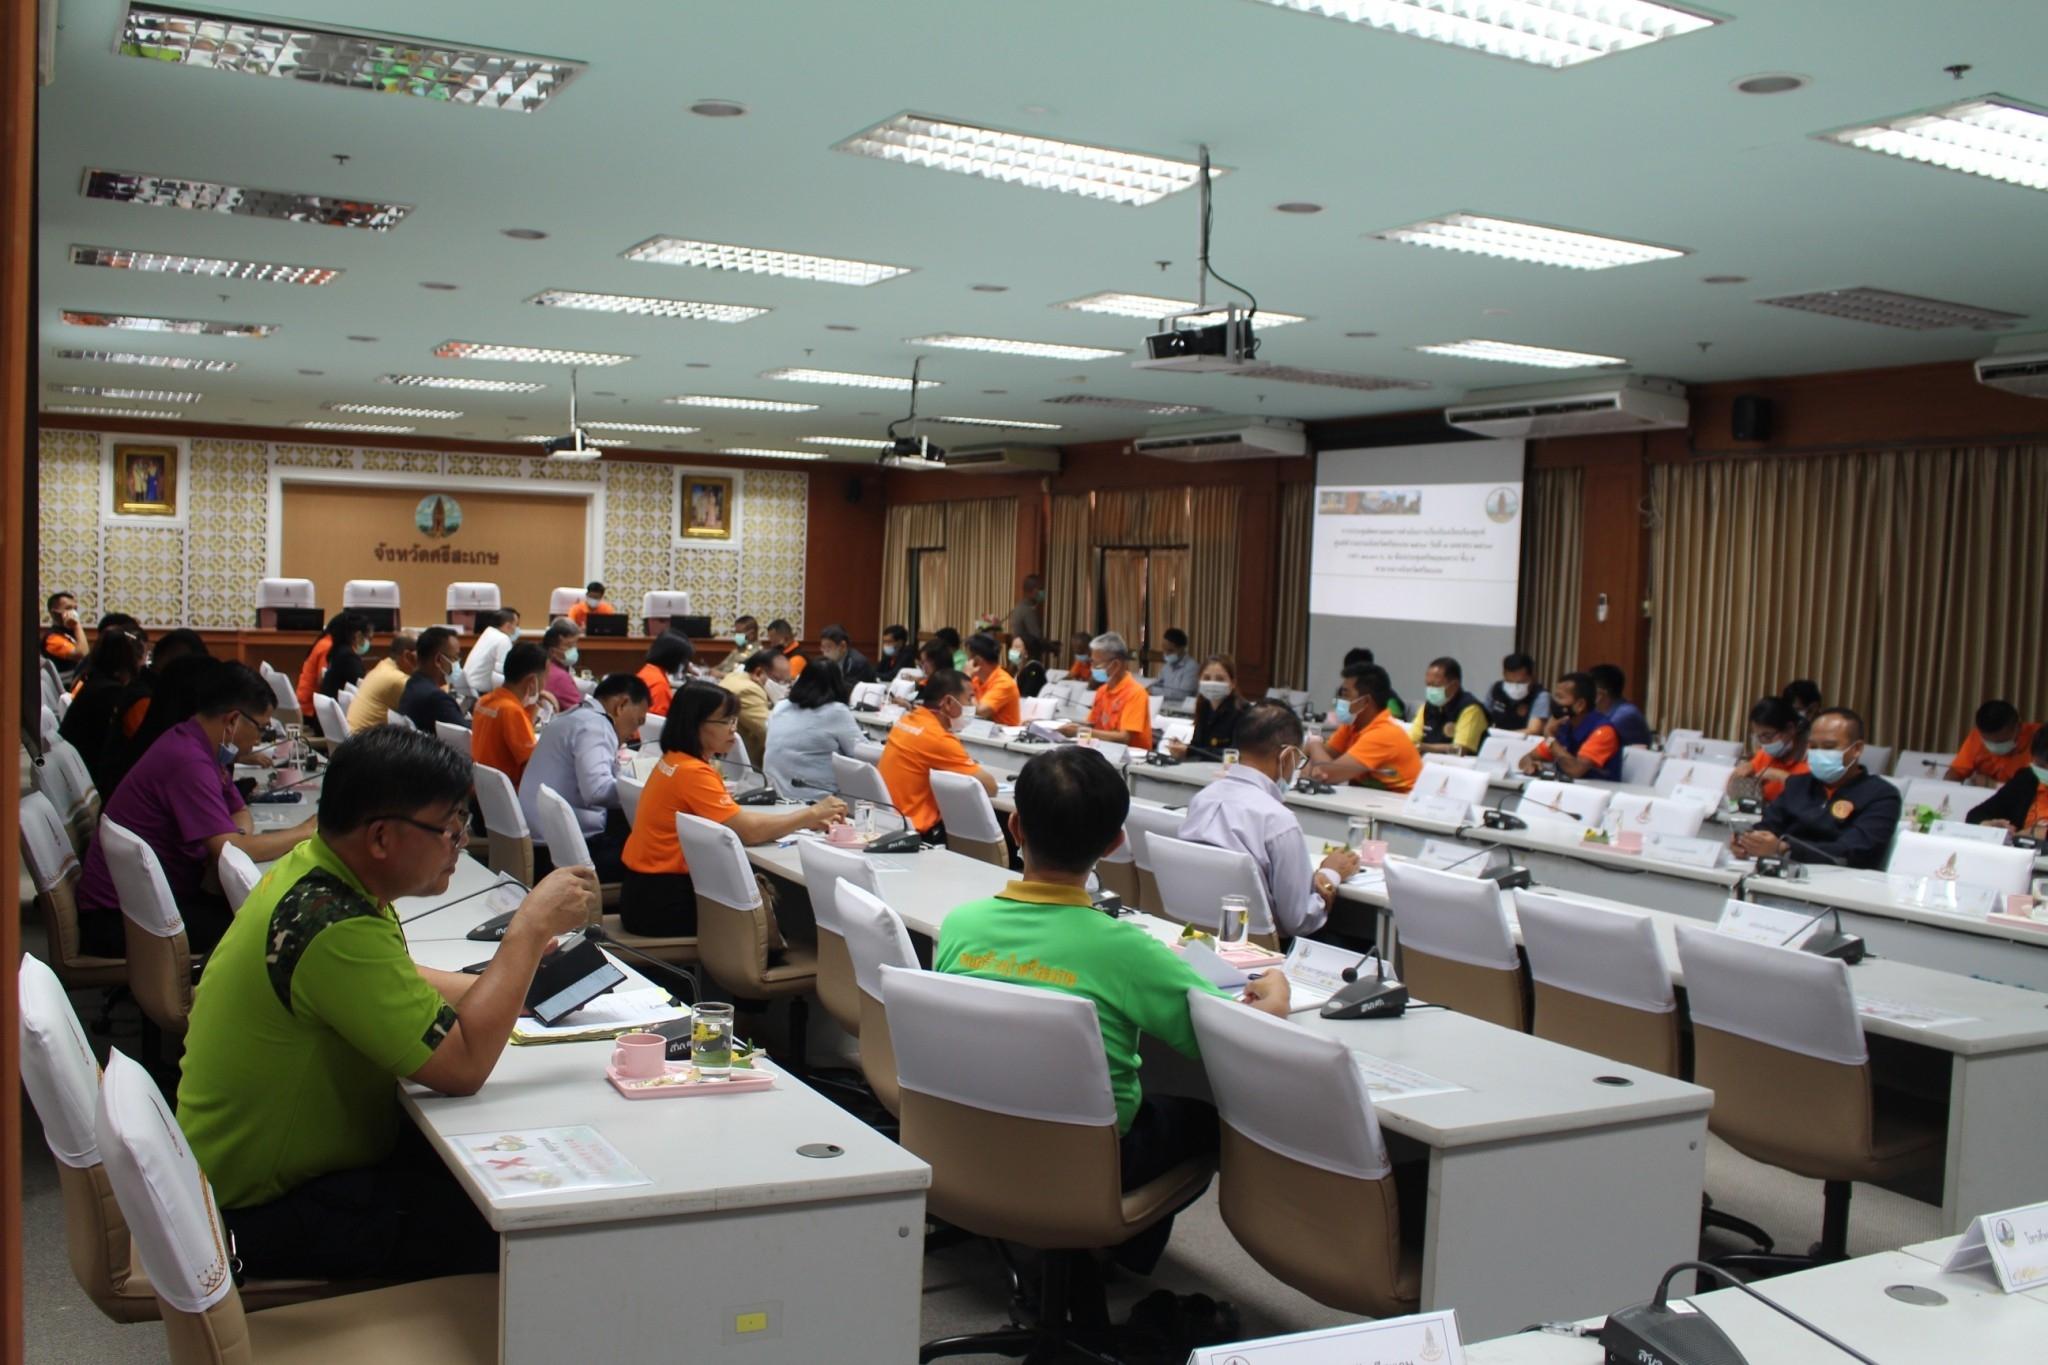 การประชุมคณะกรรมการโรคติดต่อจังหวัดศรีสะเกษ ครั้งที่ 8 / 2564